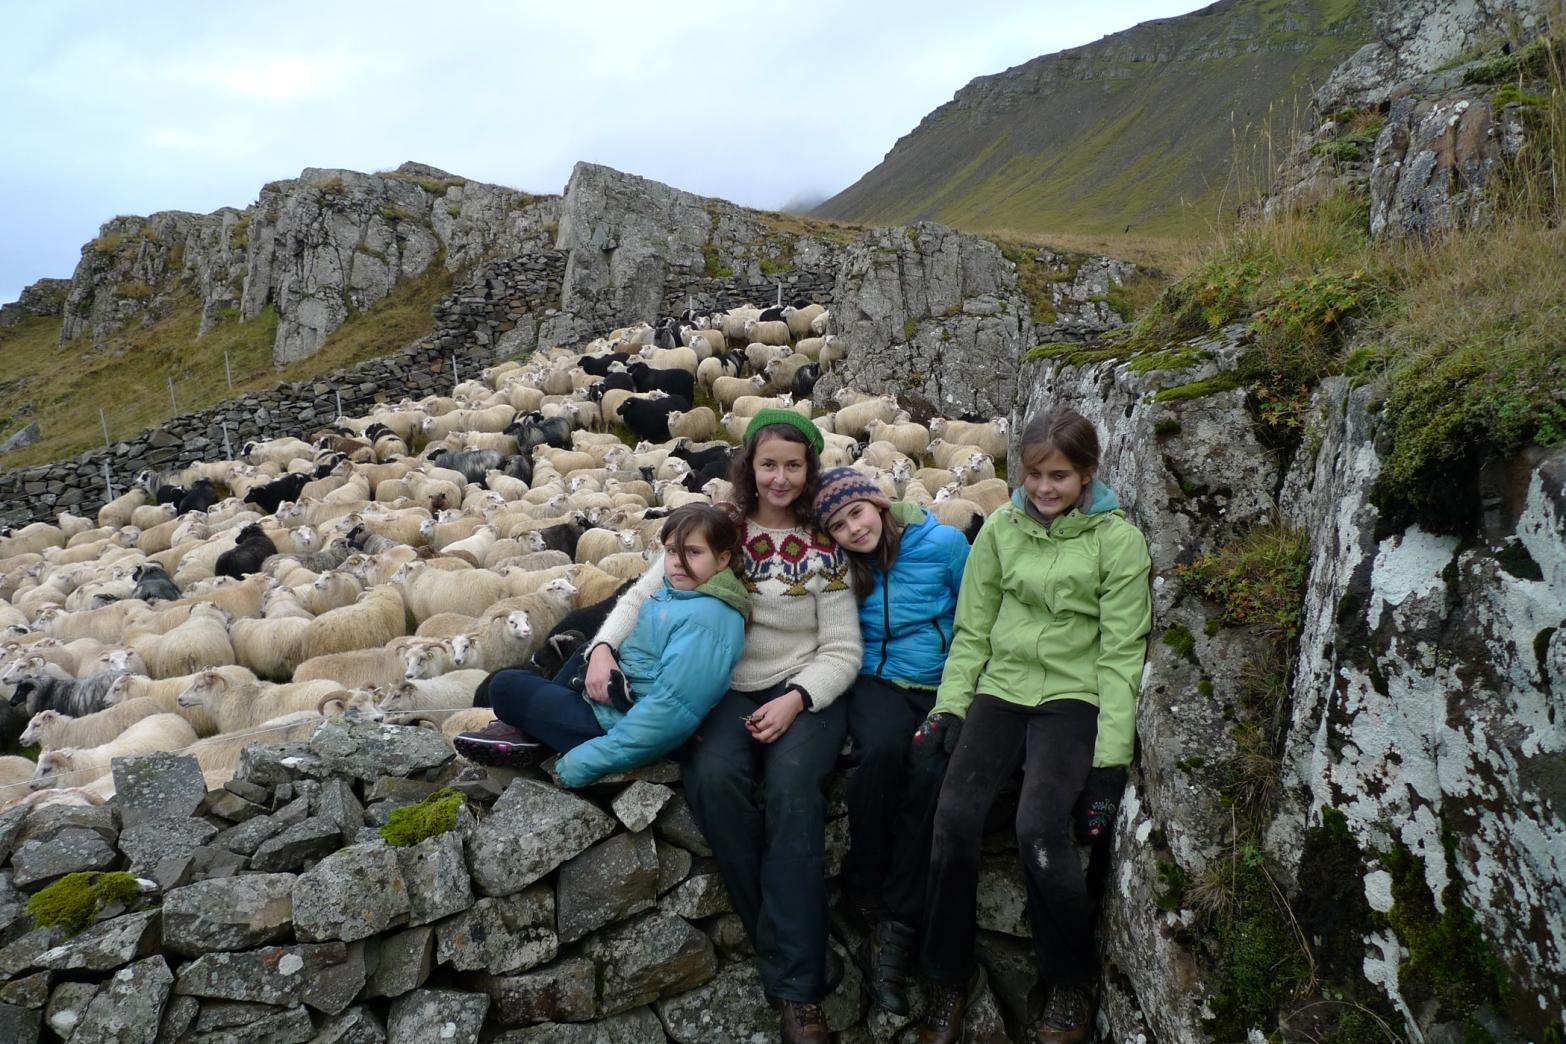 sheep_rpund-Up_my_family